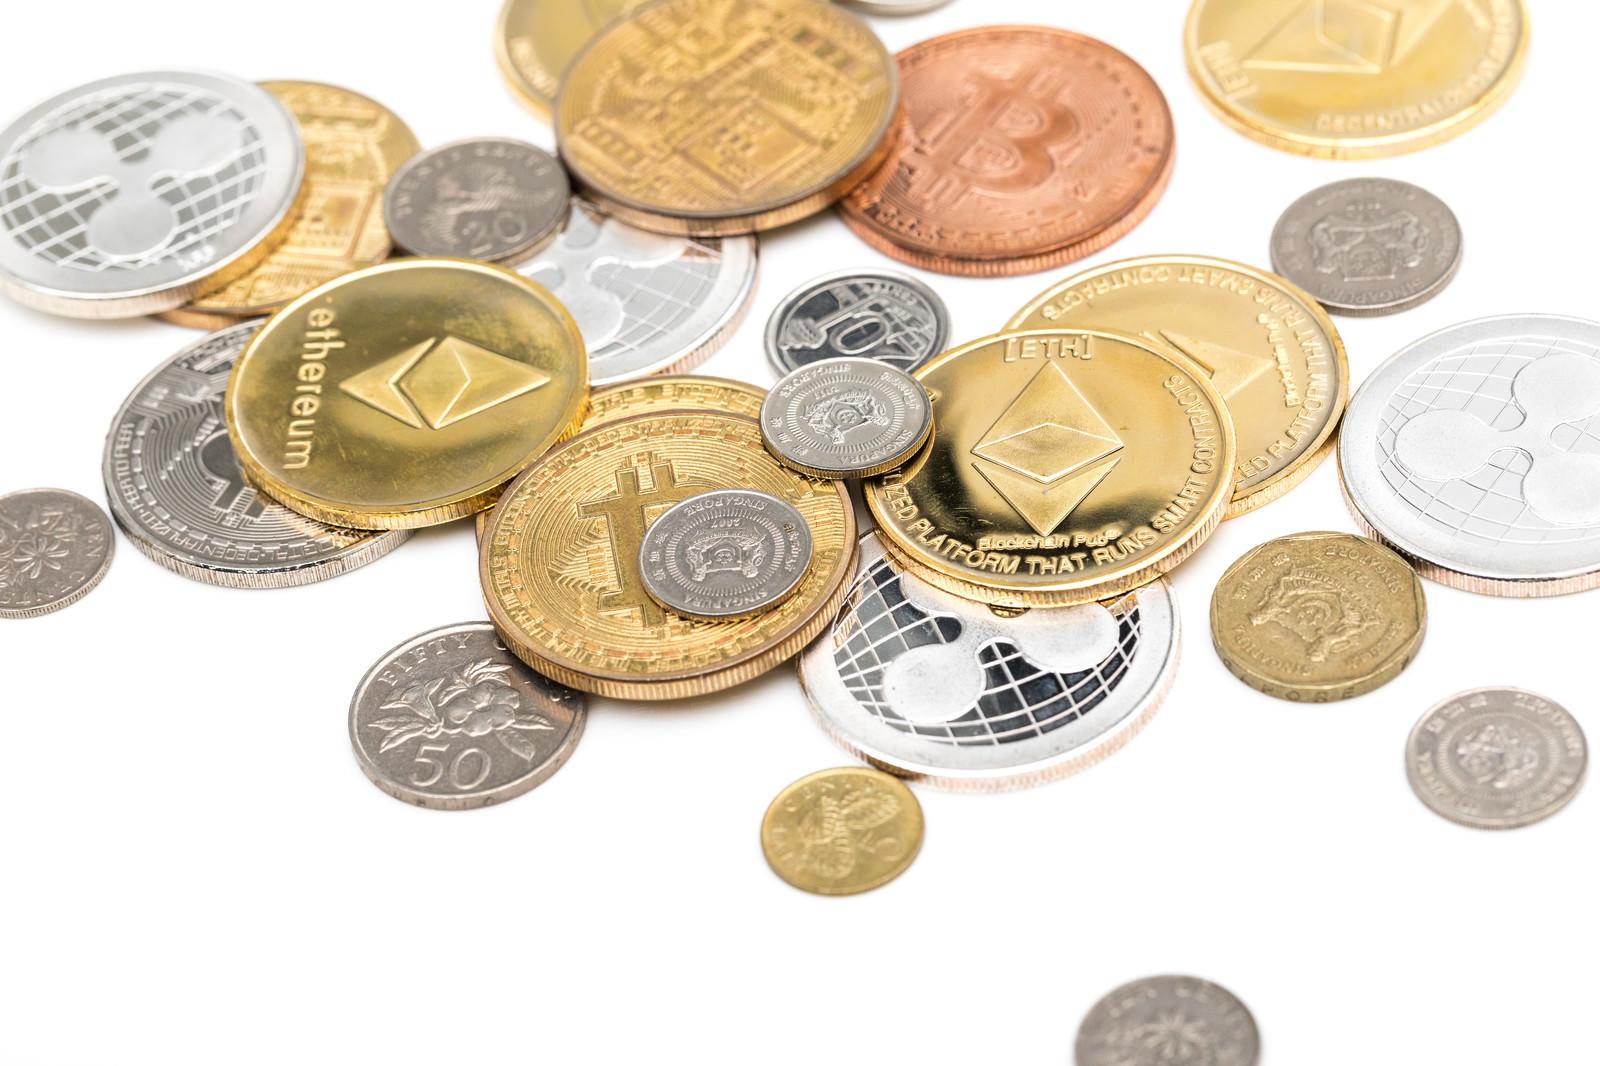 「散らばったシンガポールドル(フィアット)と仮想通貨」の写真